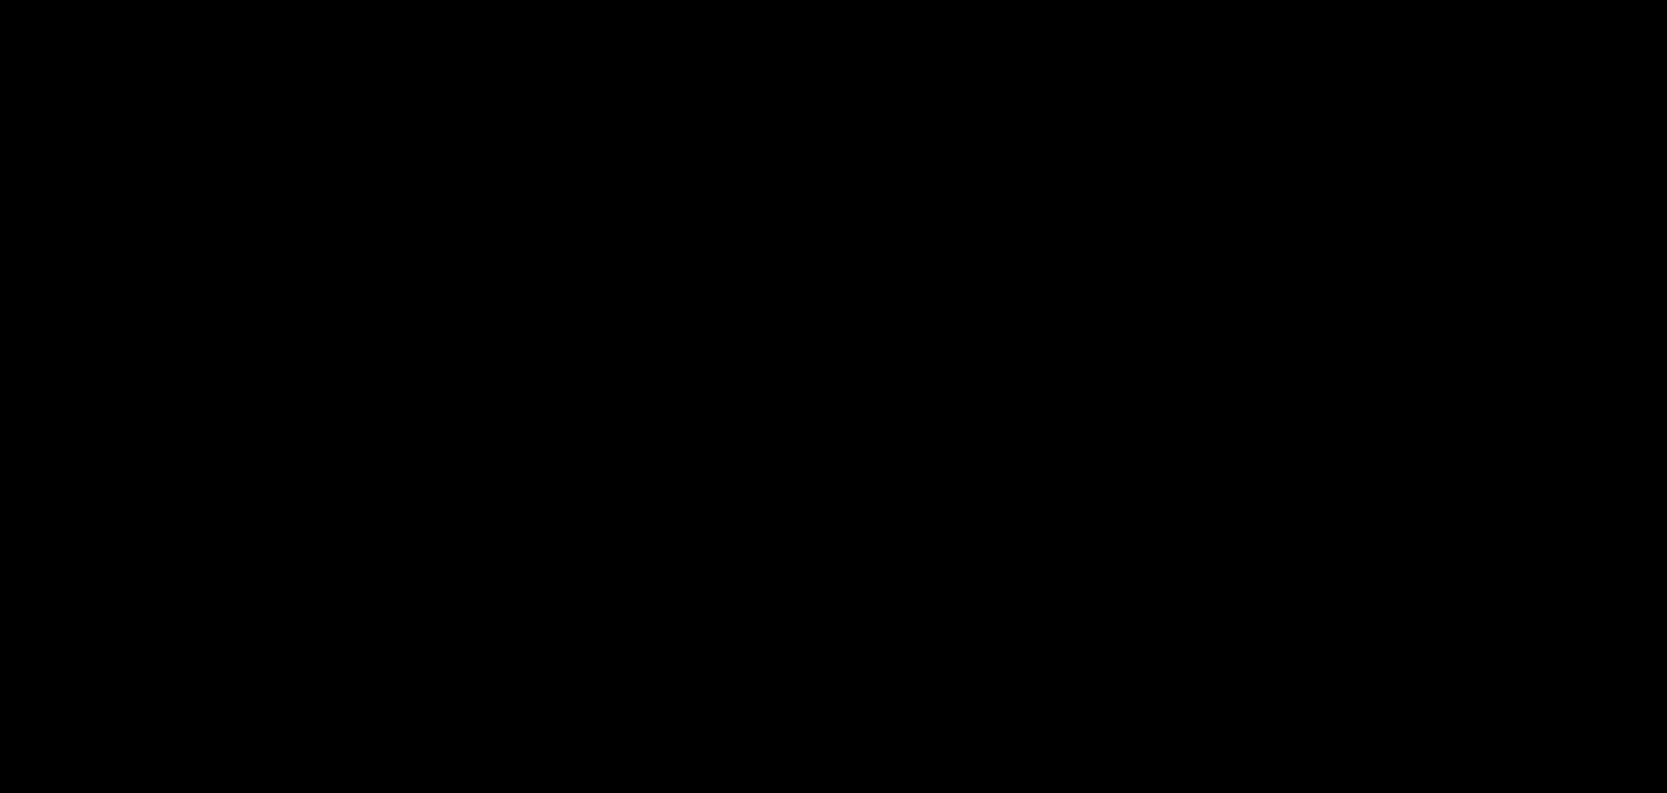 Stenberg design